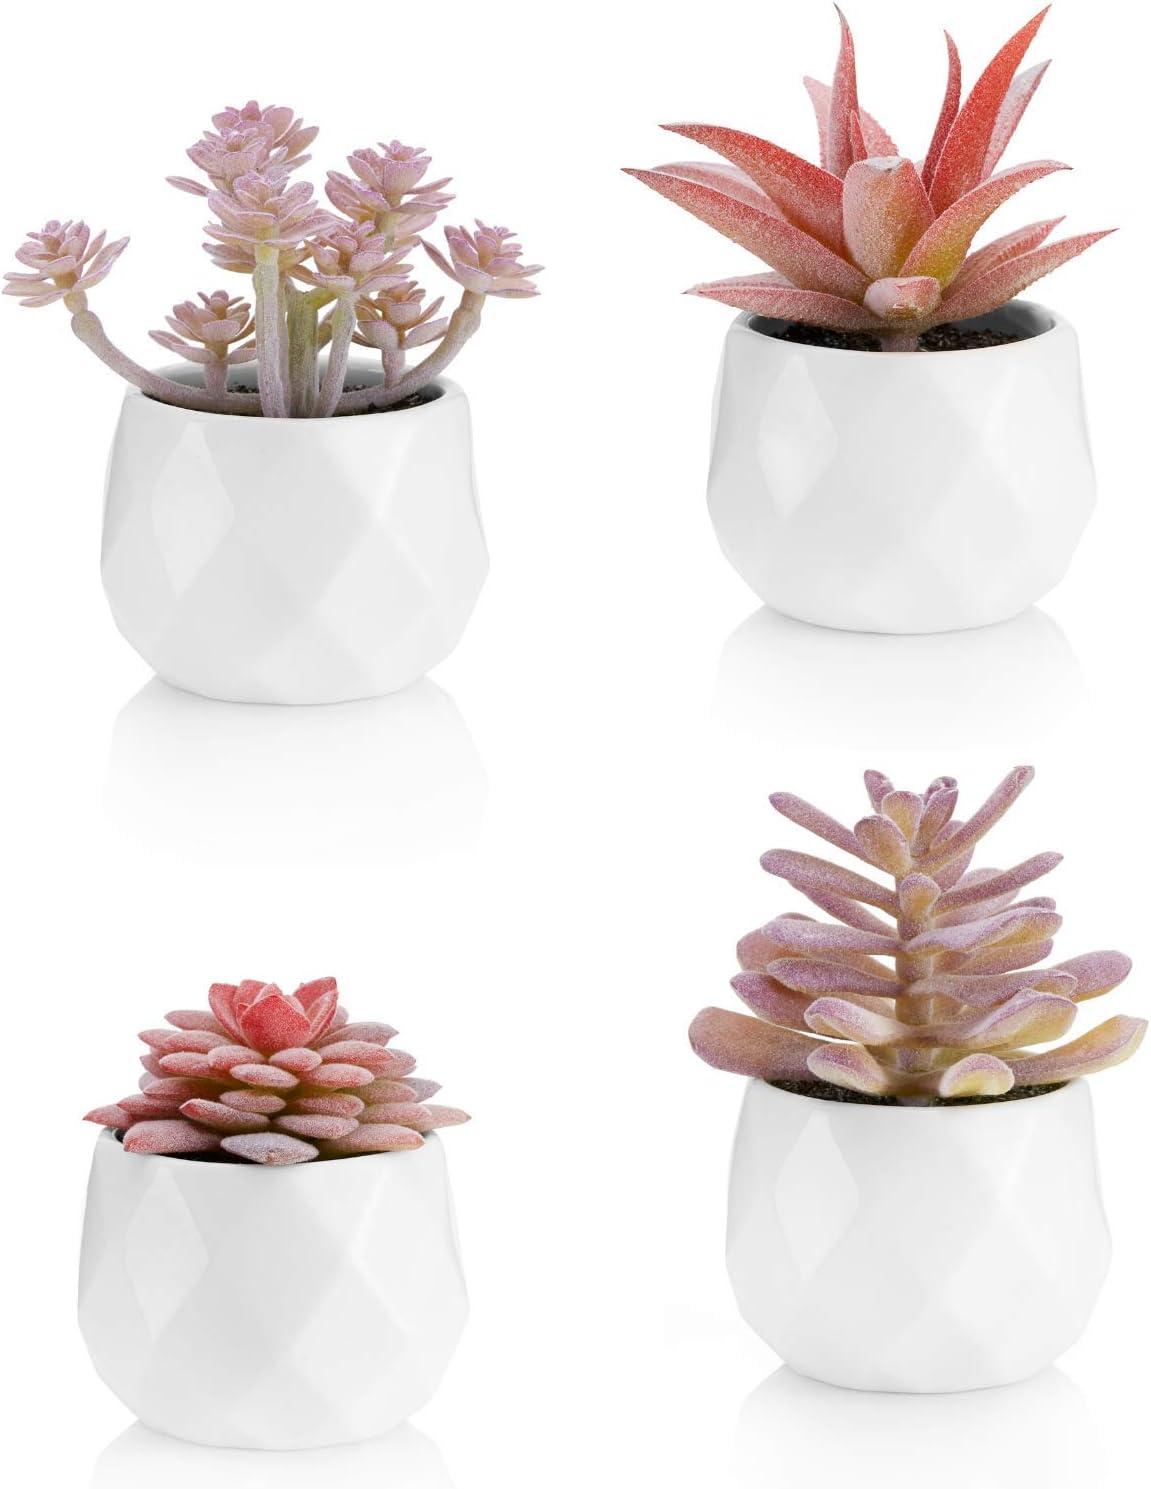 CW/_ 1Pc DIY Artificial Succulent Plant Flocking Flower Home Office Bonsai Decor